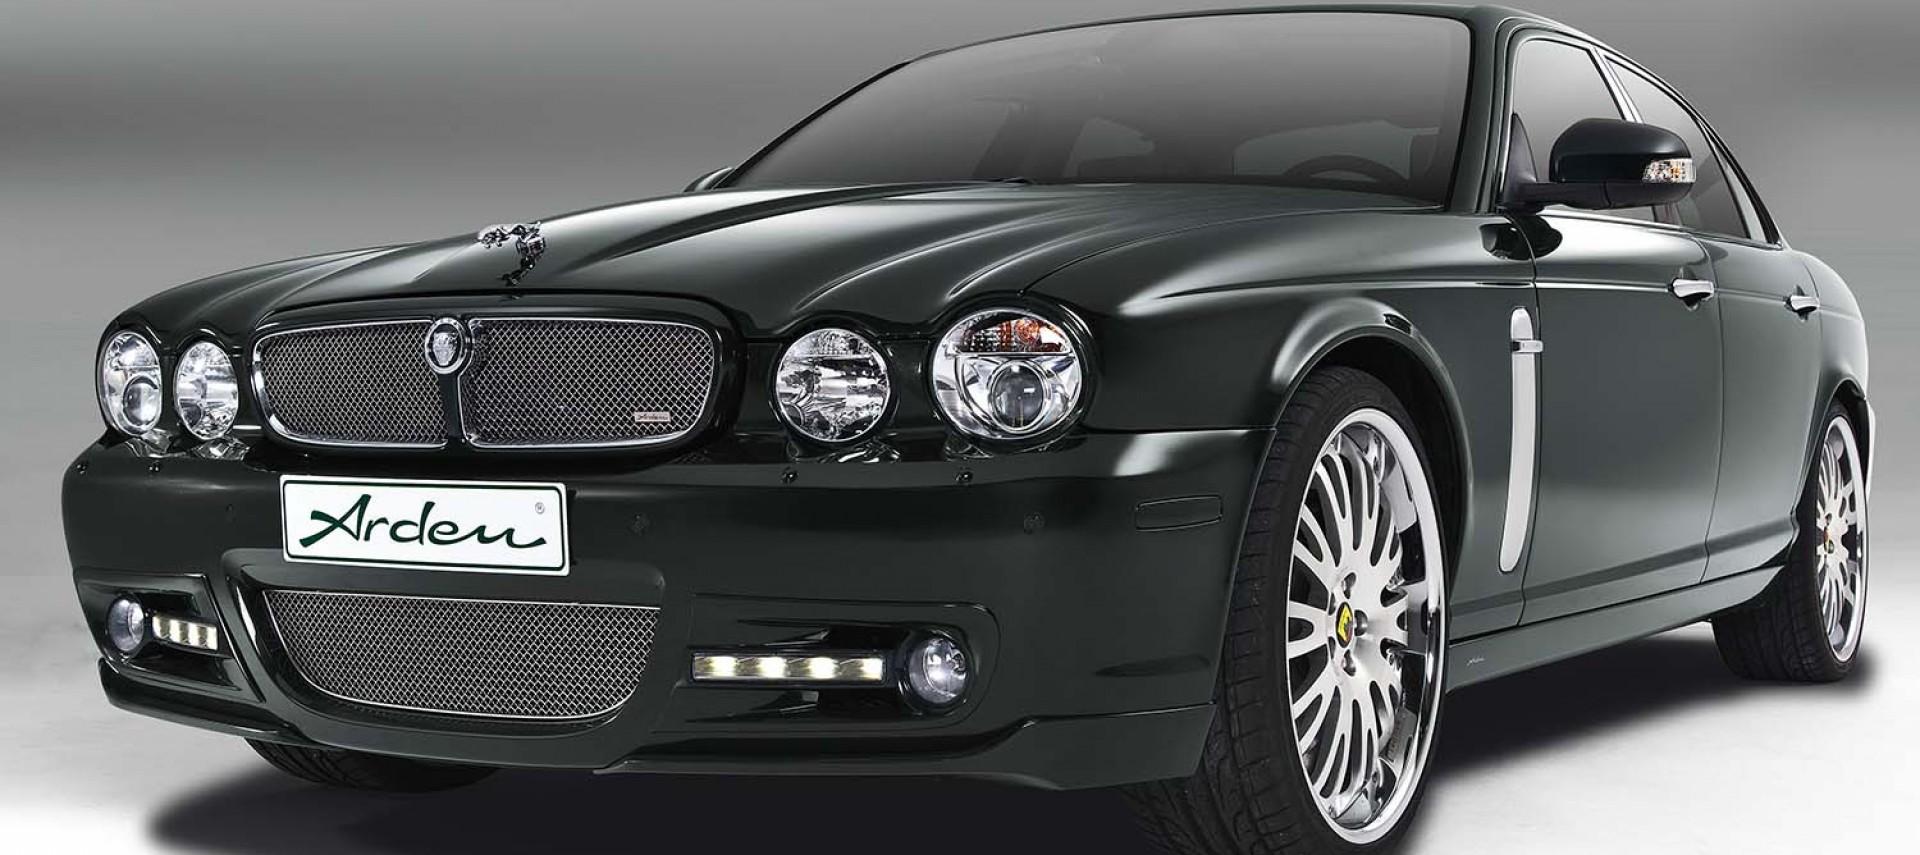 Jaguar Xj Tuning Exclusive Refinement Arden Aj 19